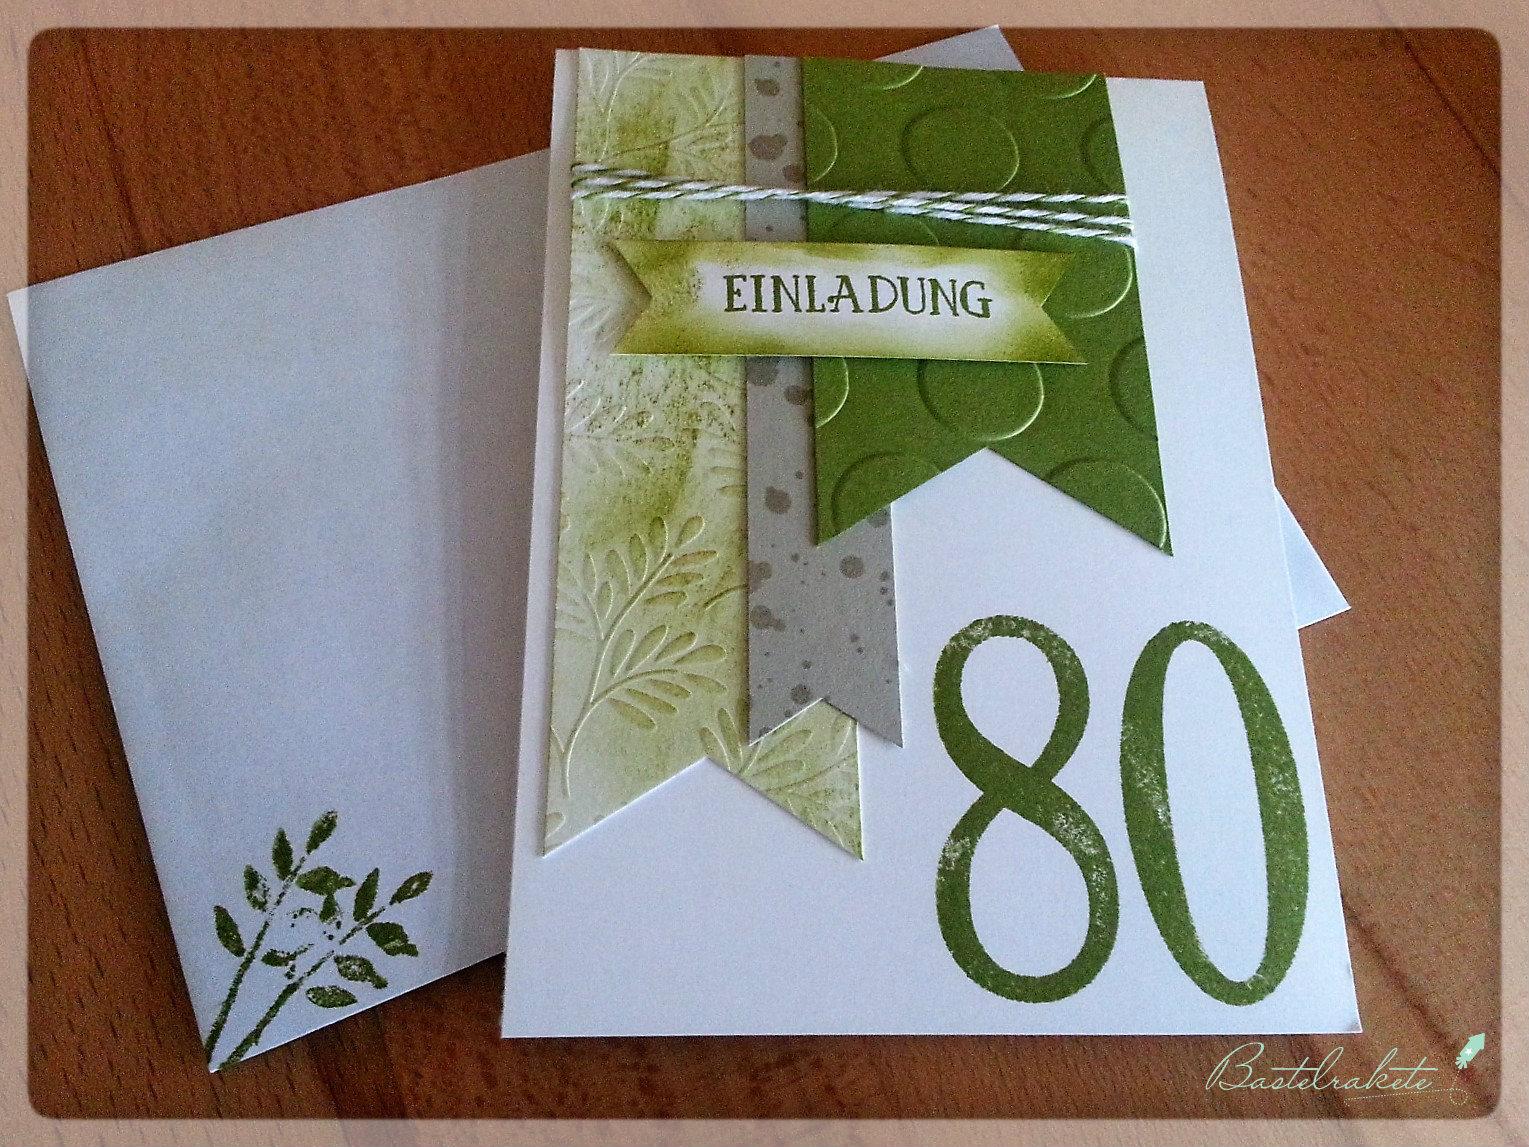 Einladungskarte 80. Geburtstag